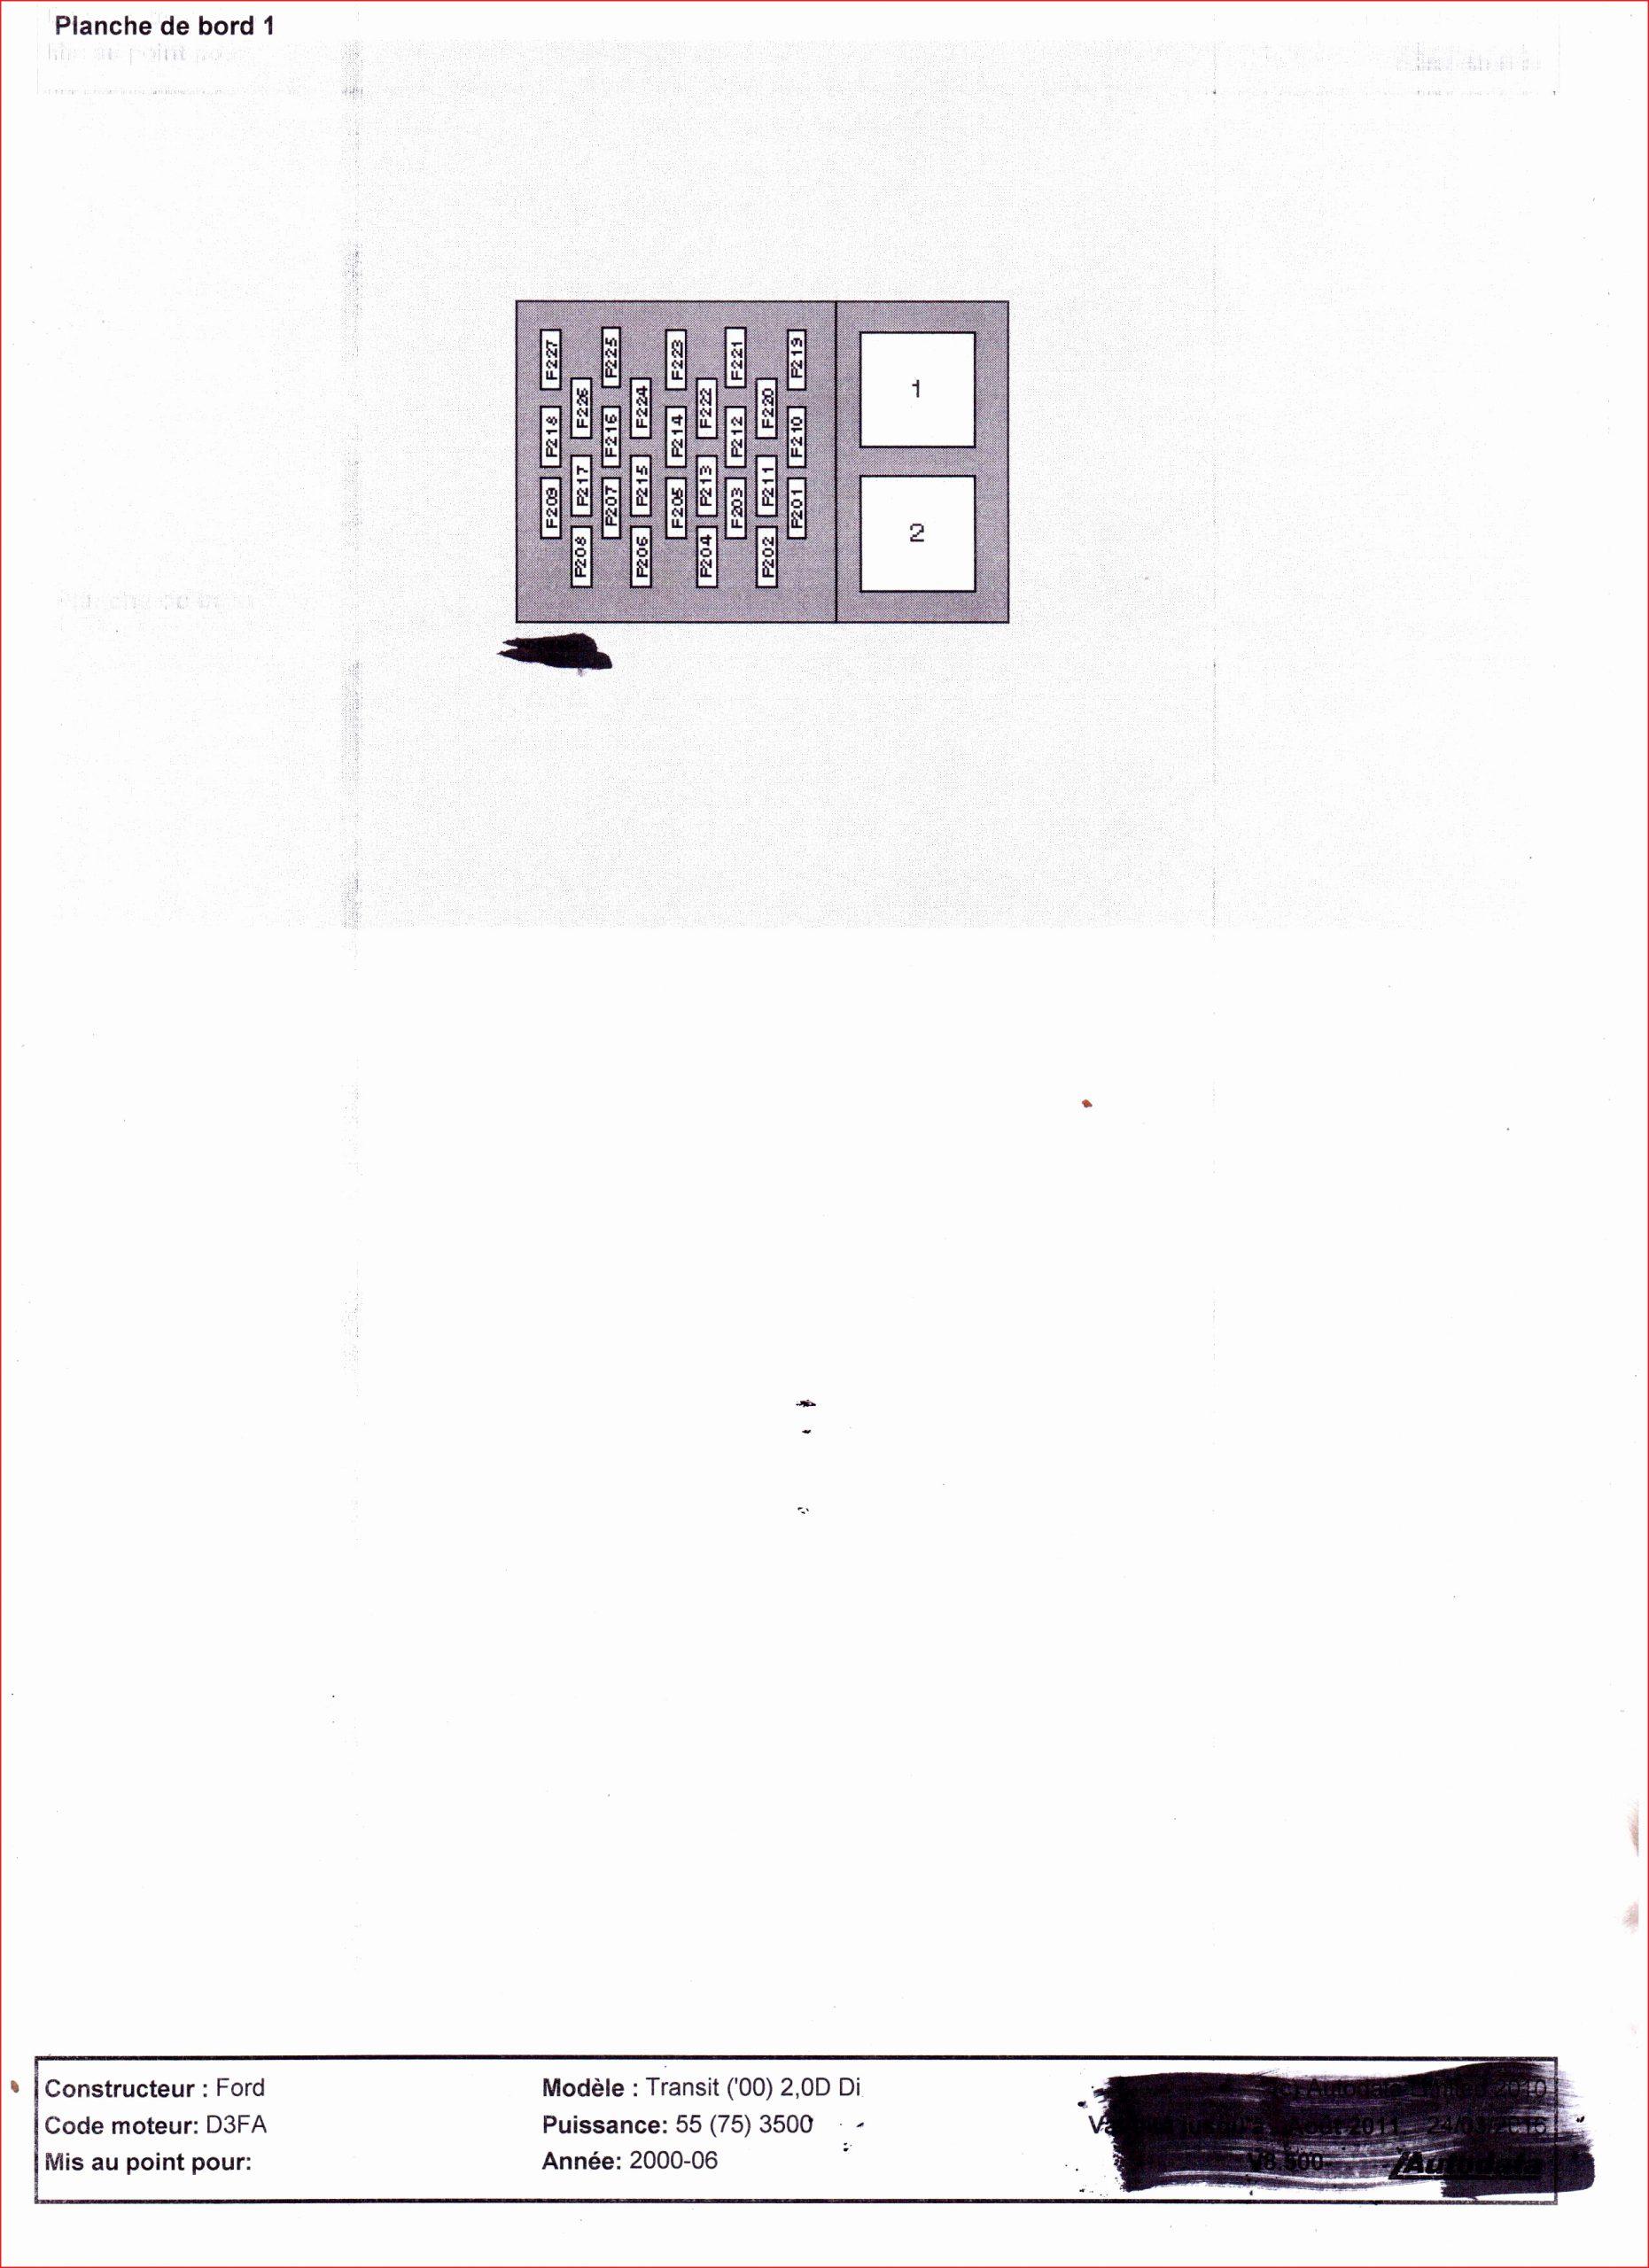 Haut Piscine Filtre Sable Galerie De Piscine Idée 751340 ... intérieur Pompe Piscine Leroy Merlin